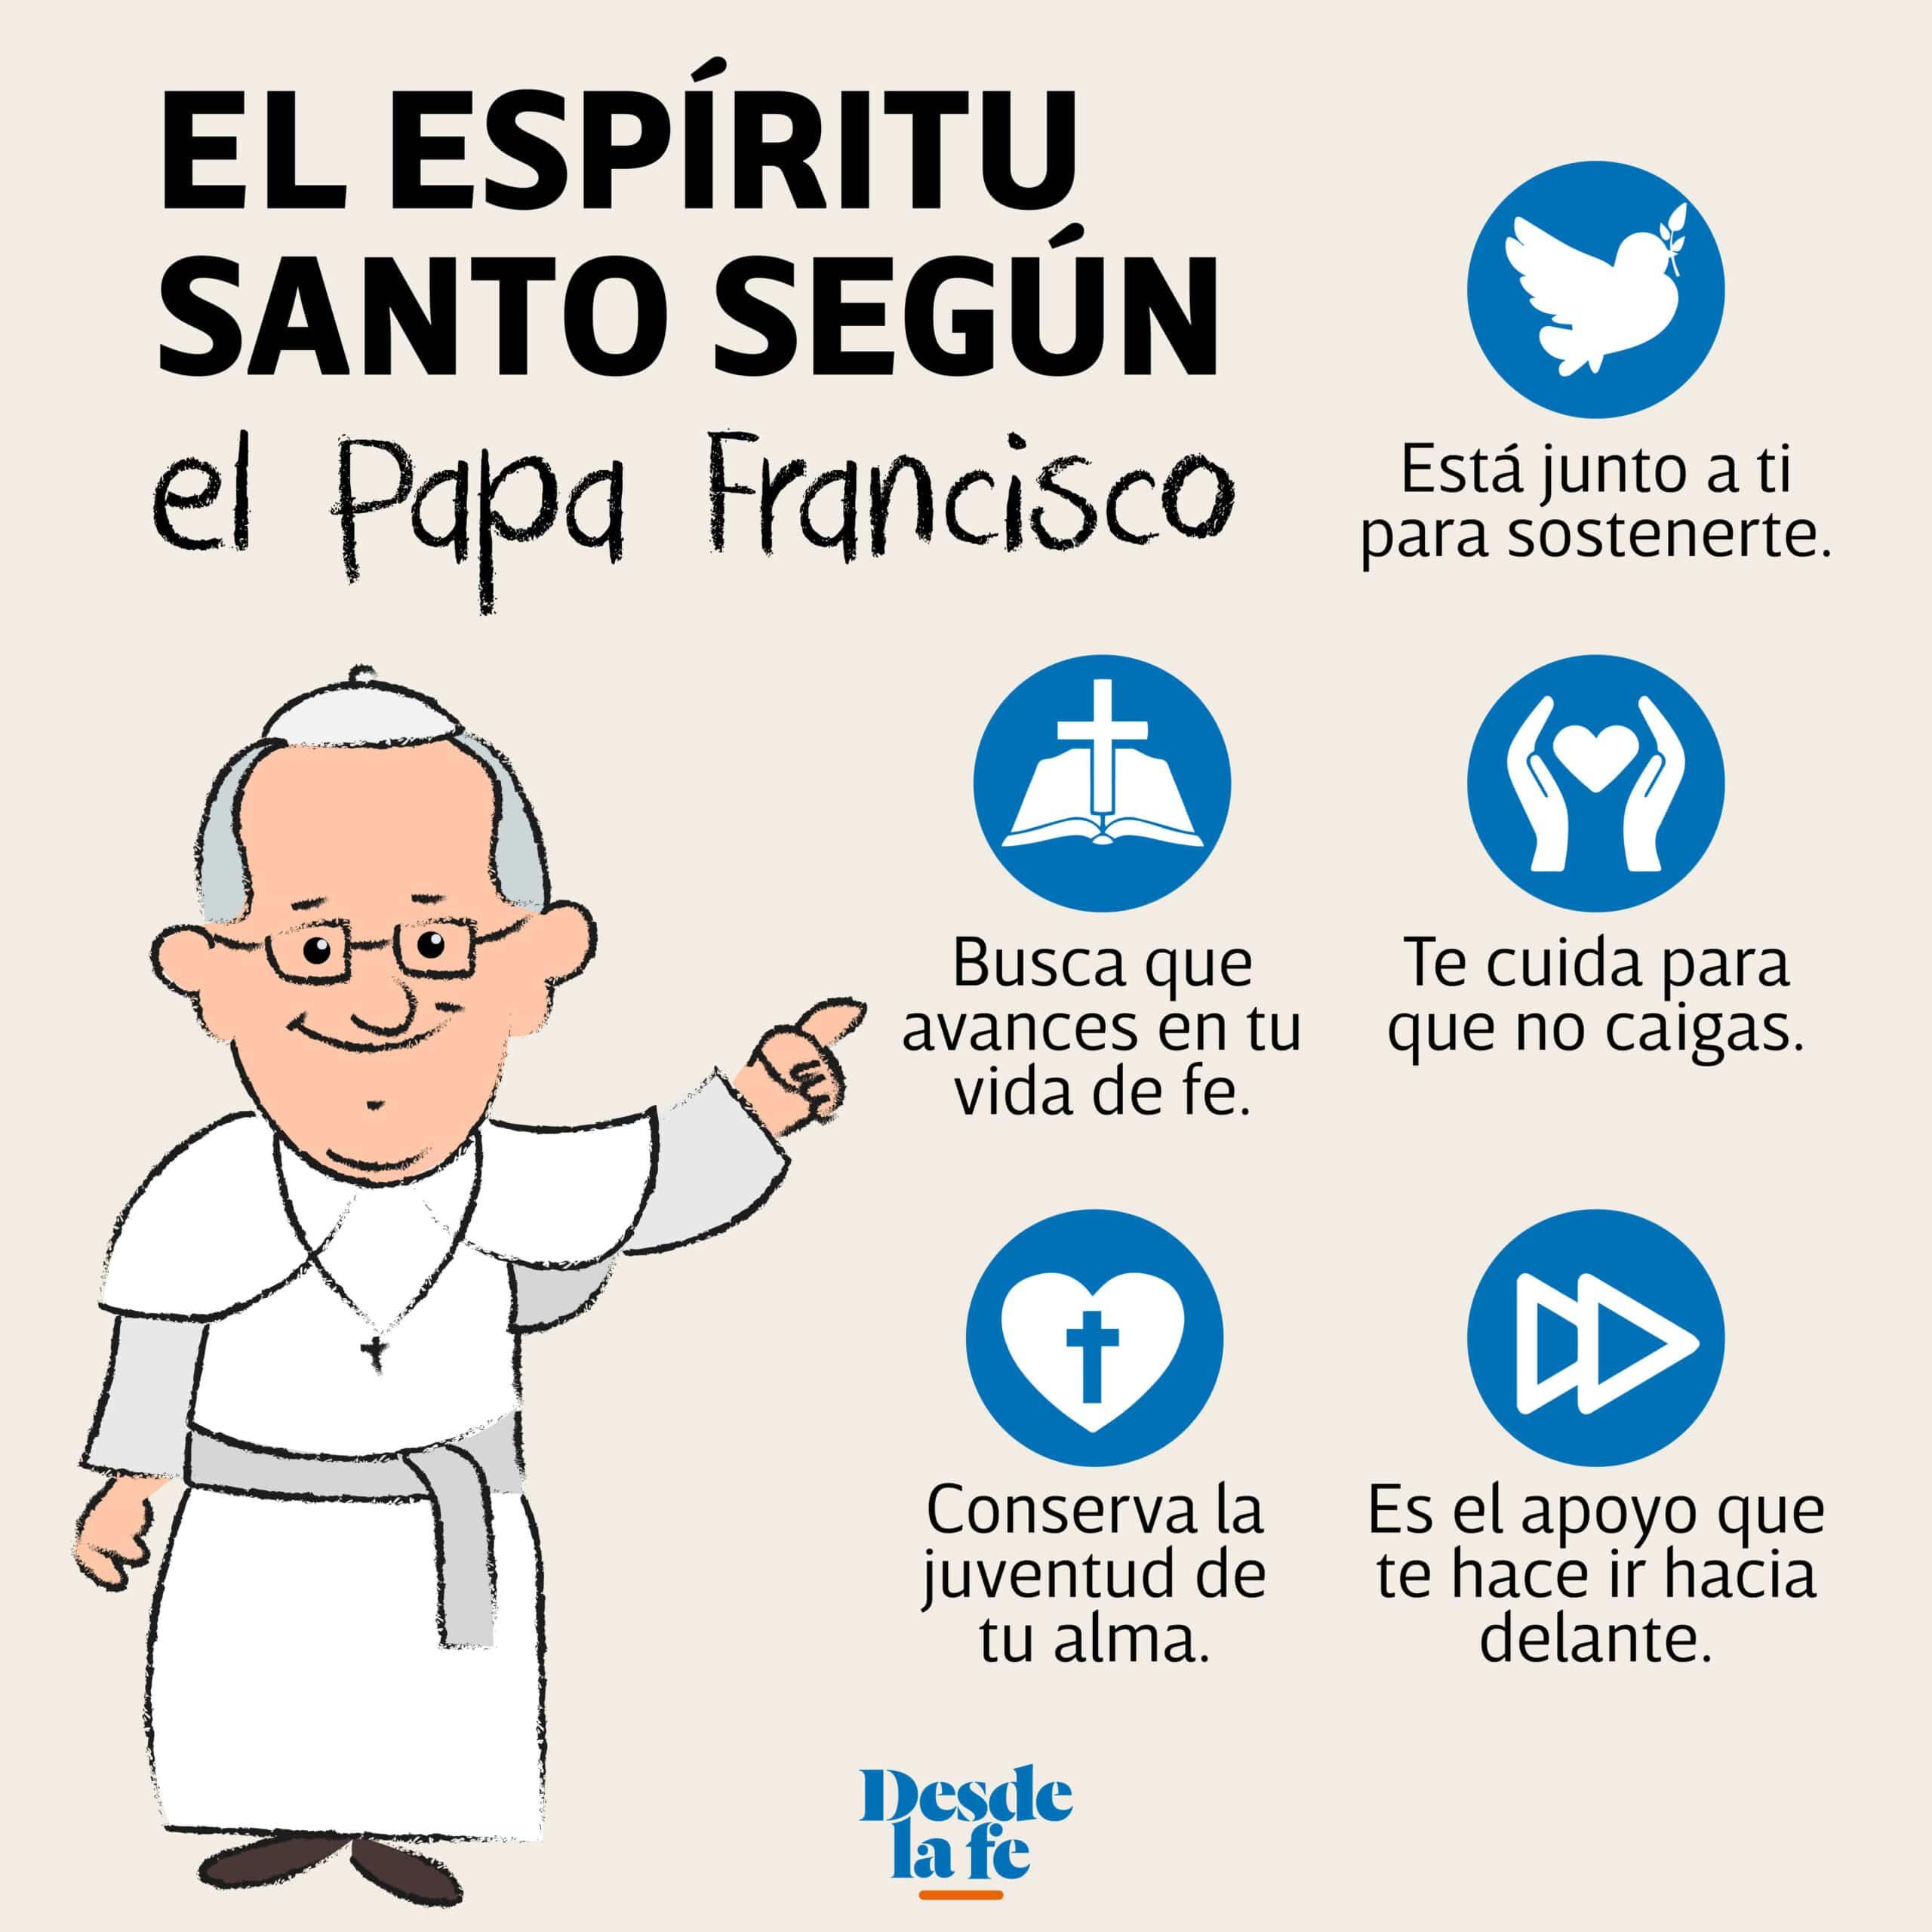 El Espíritu Santo según el Papa Francisco.